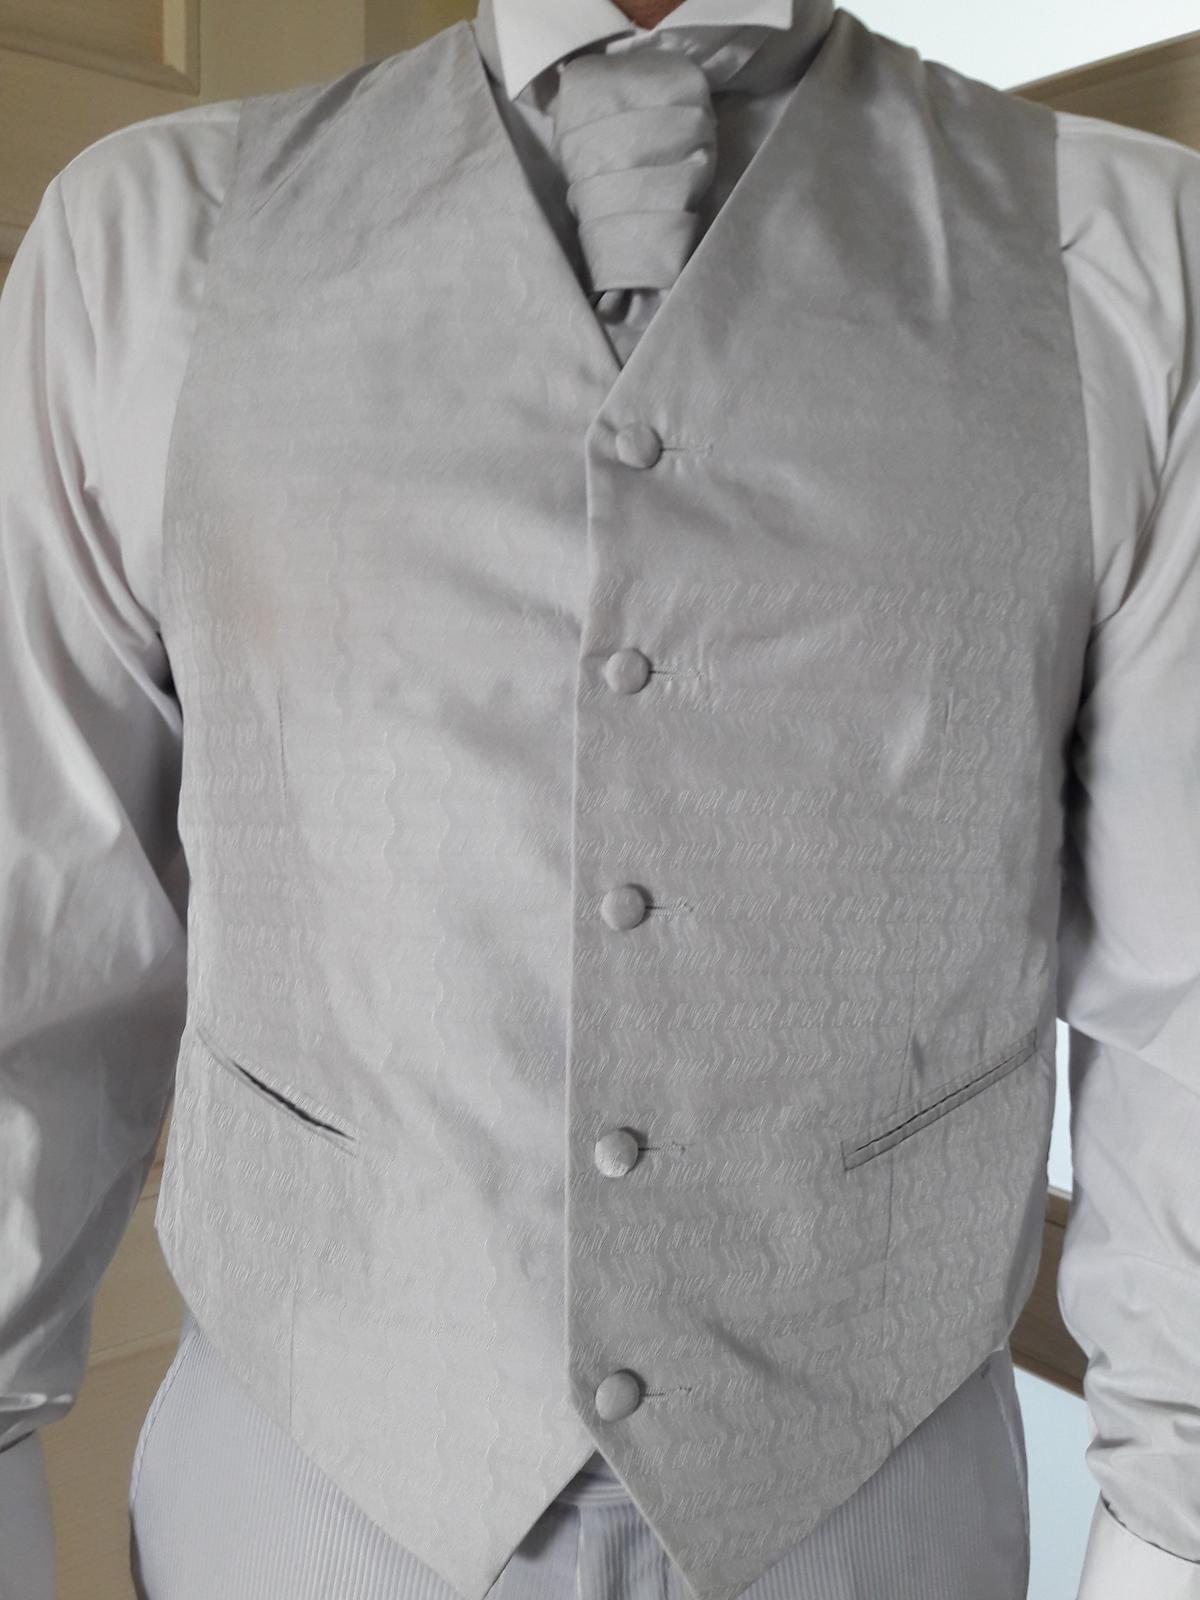 Oblek pre ženícha (svadobný oblek) - Obrázok č. 2